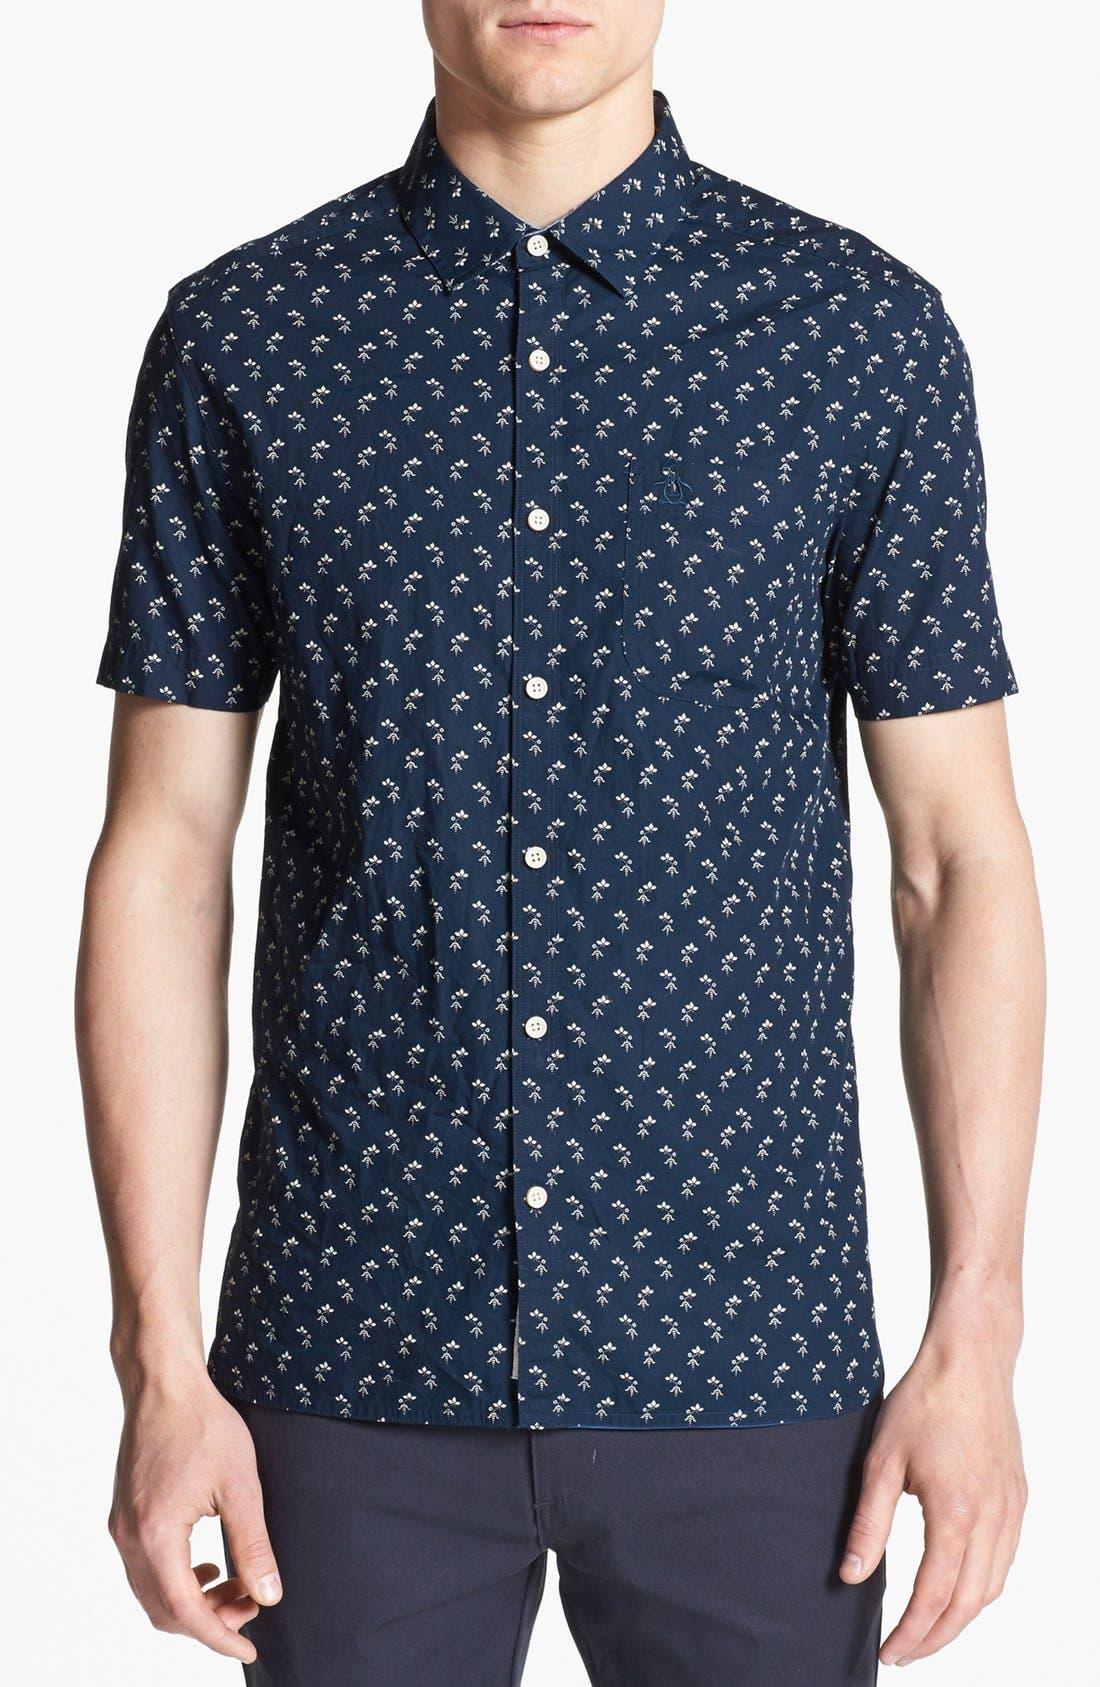 Alternate Image 1 Selected - Original Penguin 'Industry Geo' Slim Fit Print Woven Shirt